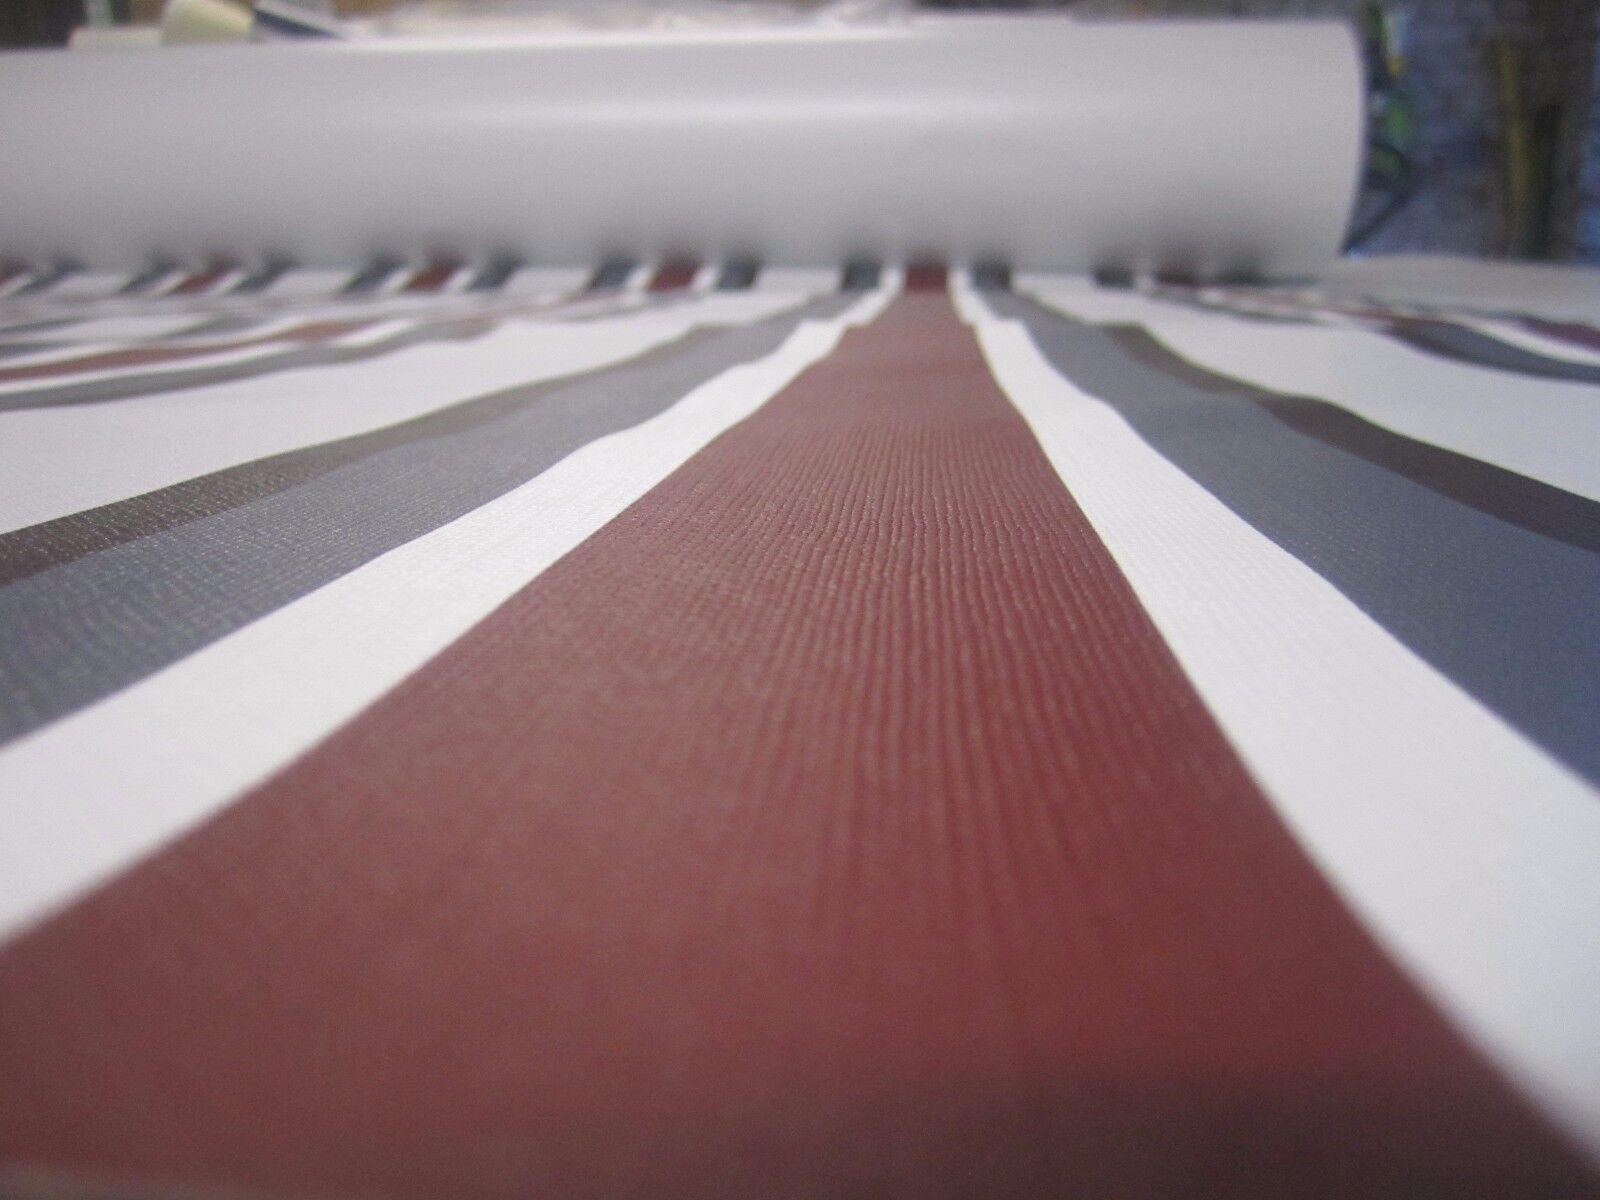 Zelt Vorzelt Vorzelt Vorzelt Plane Wohnwagenplane Zeltplane 660 g m² Breite 162 cm A-Ware Rot 0caa5e